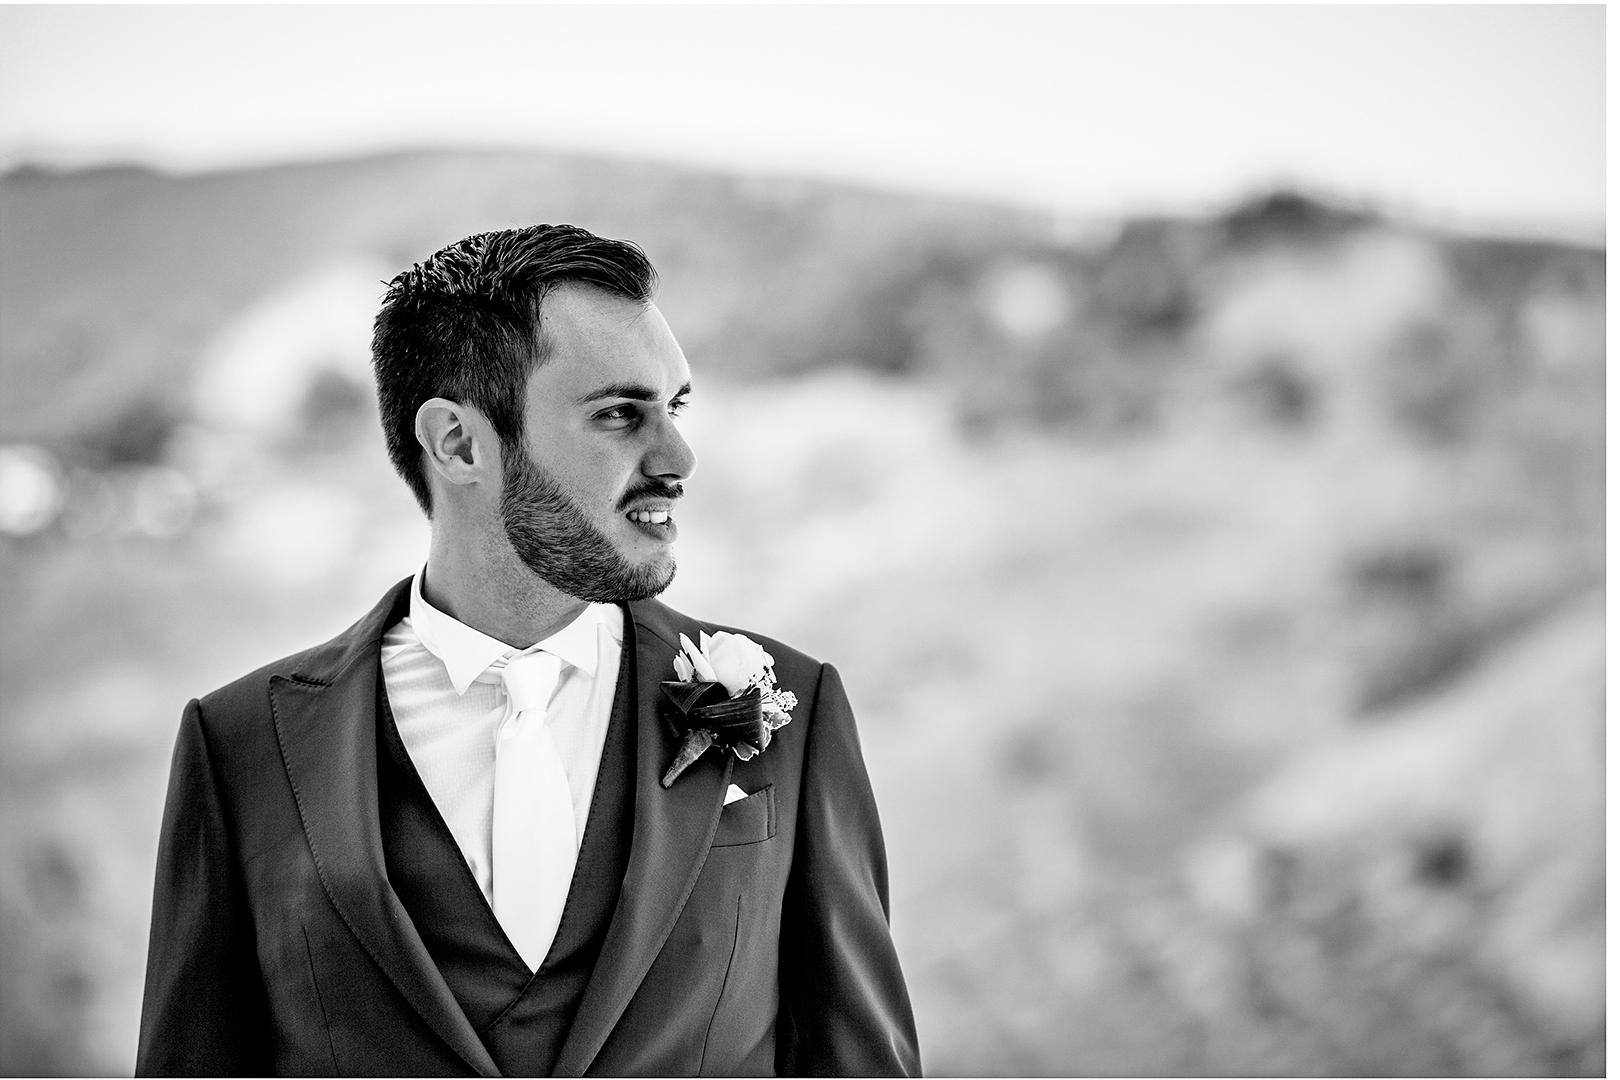 16 gianni-lepore-sposo-groom-ritratto-matrimonio-silvi-bianco-nero